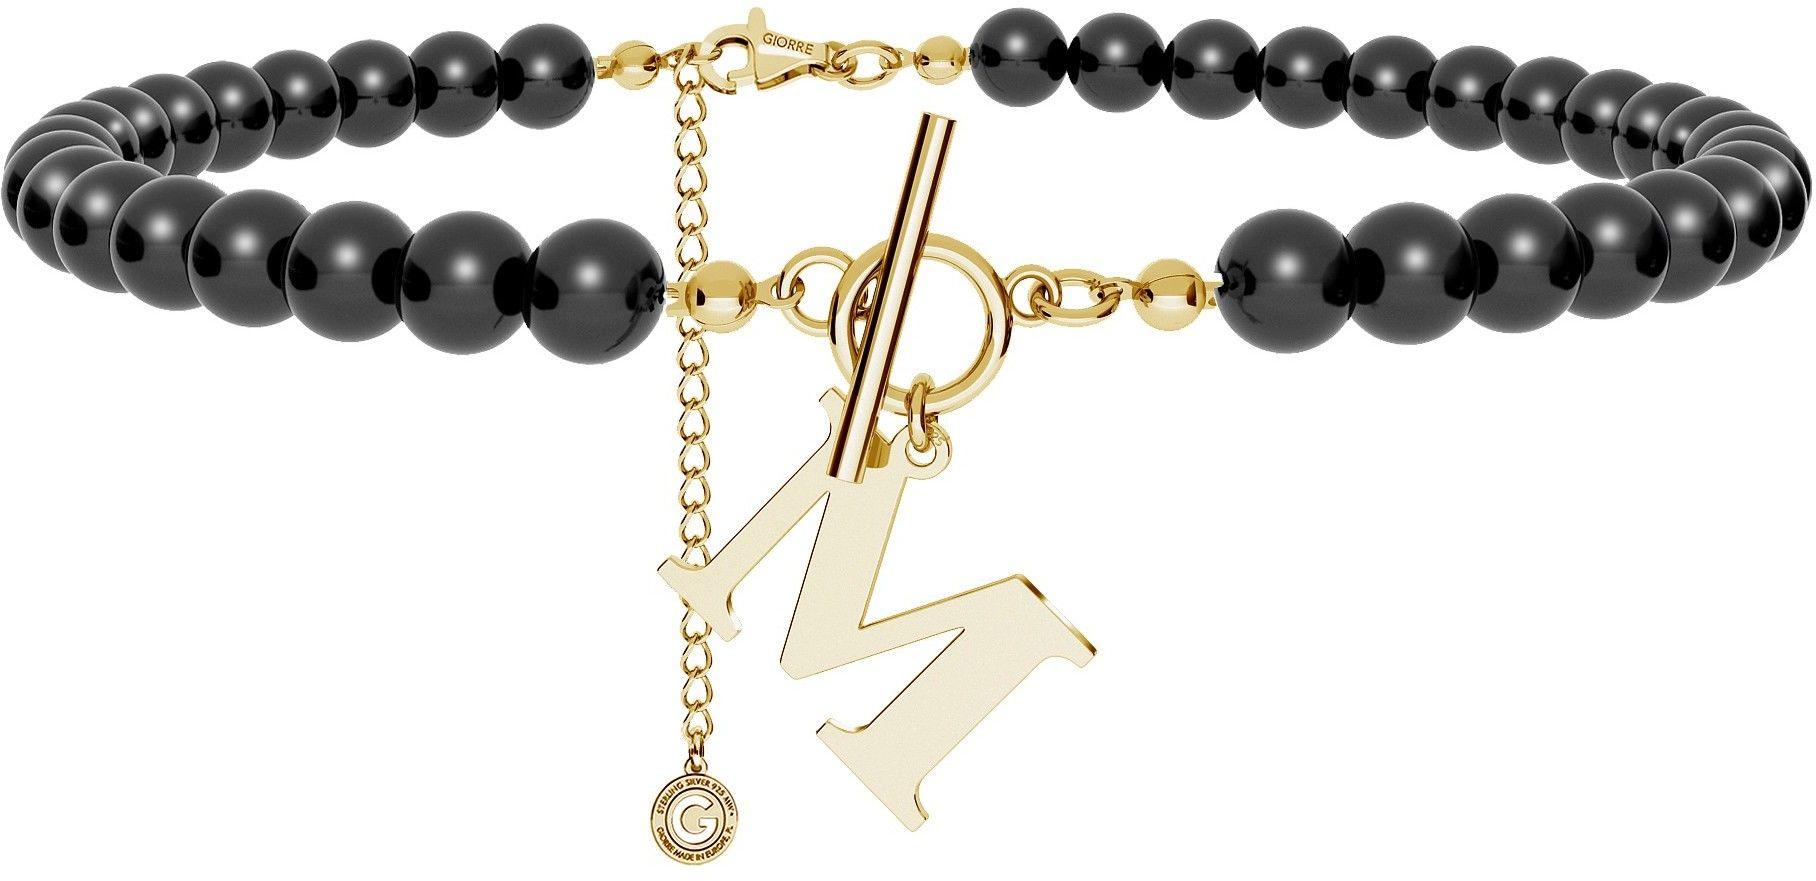 Czarny perłowy choker z dowolną literą, Swarovski, srebro 925 : Litera - J, Srebro - kolor pokrycia - Pokrycie żółtym 18K złotem